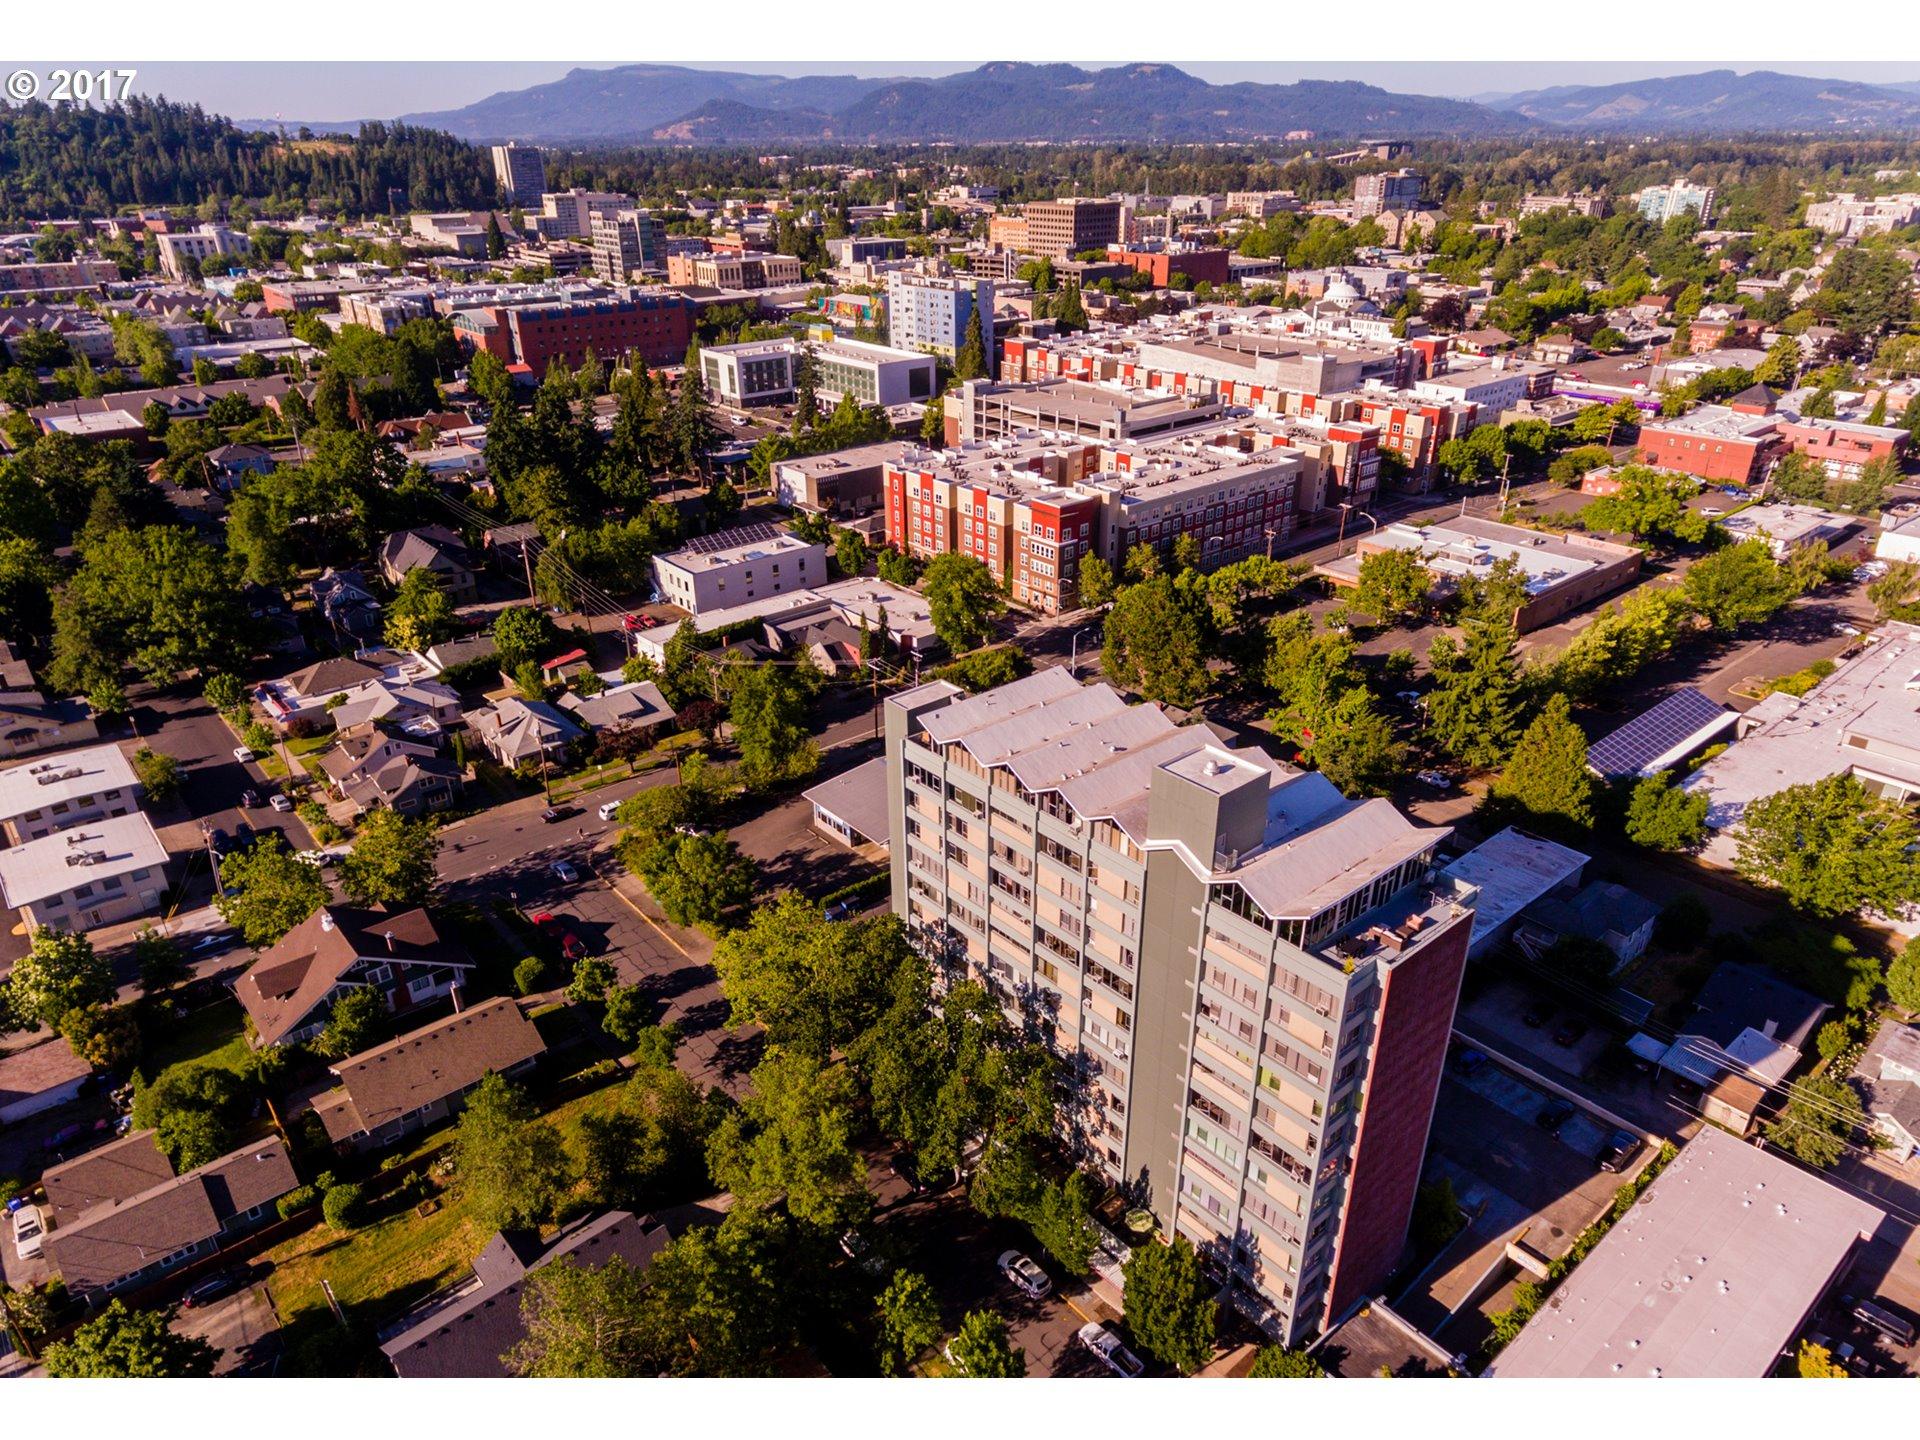 1313 LINCOLN ST 305, Eugene, OR 97401